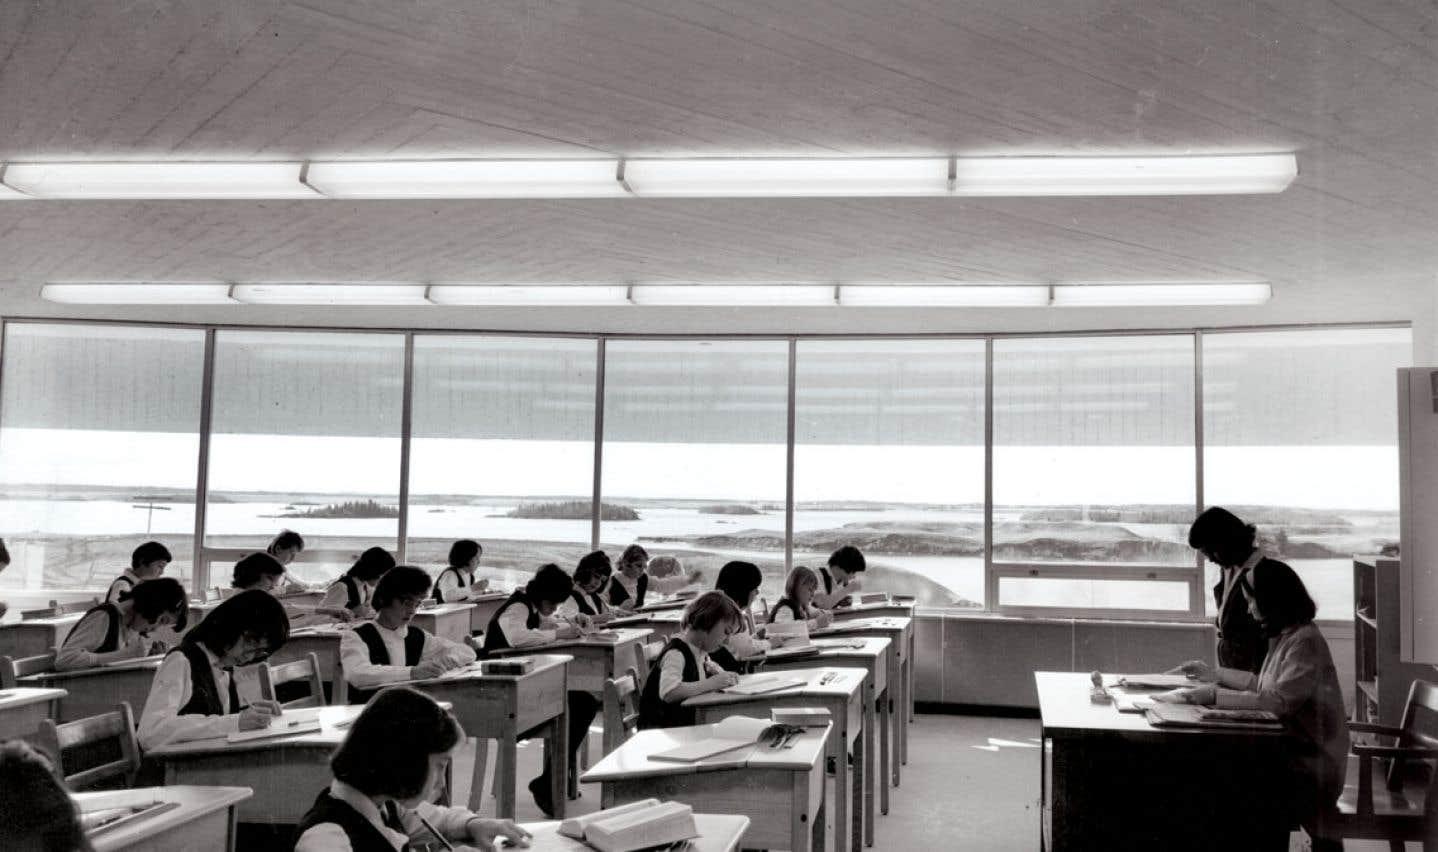 Jusque dans les années 60, l'éducation au Québec était gérée par l'Église catholique. Un vent de changement entraînera la sécularisation de ce domaine et la création du ministère de l'Éducation.